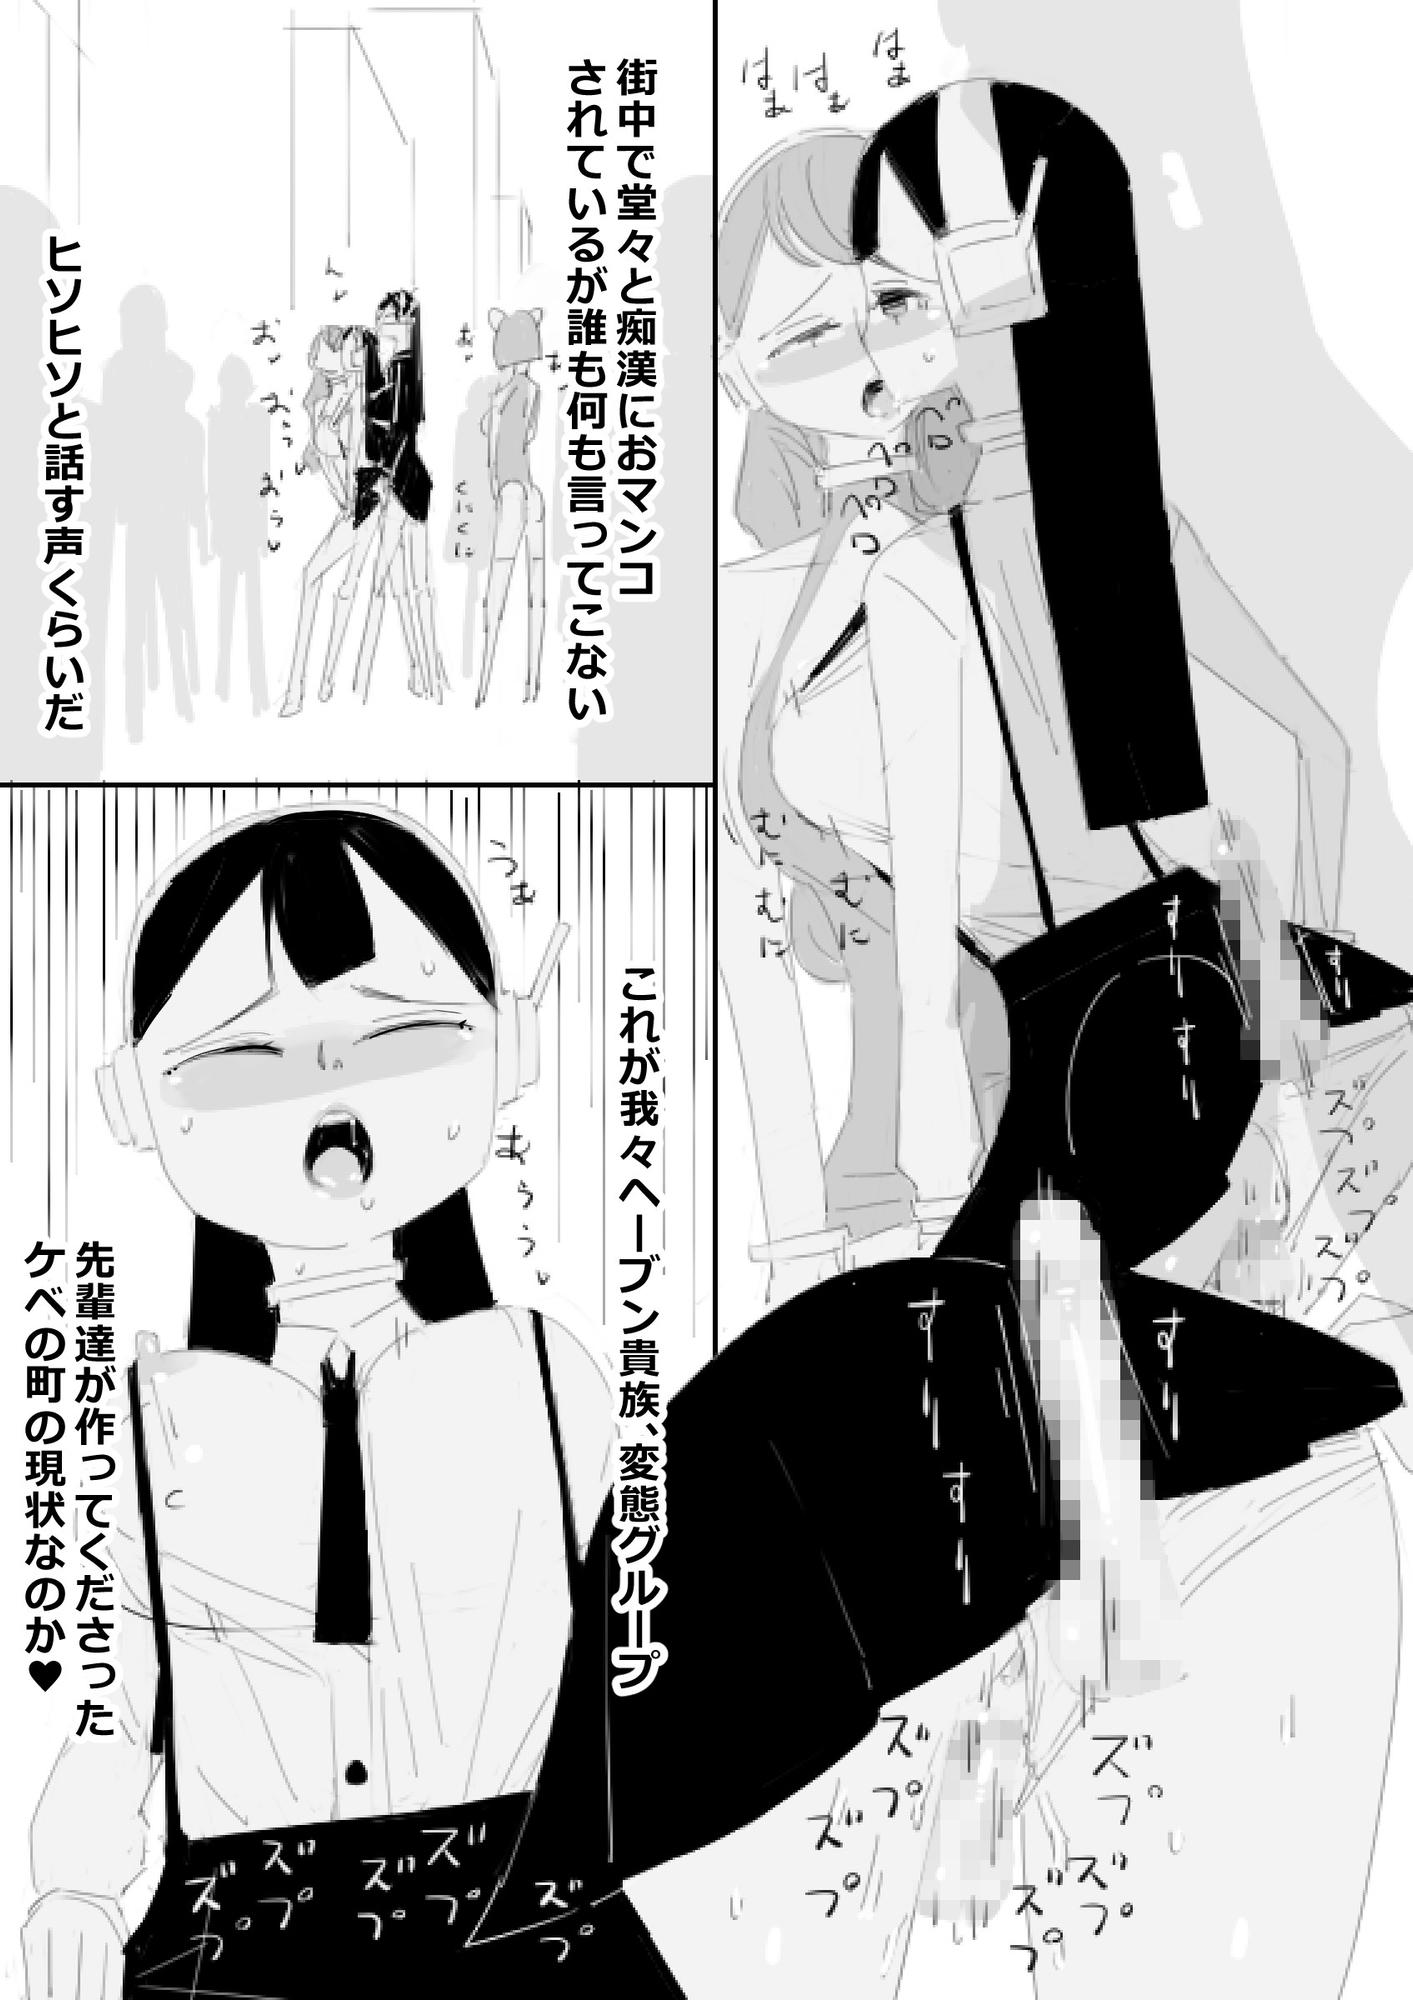 少女の体を操縦、町でおチンポ改造された女達とスケベするSFのサンプル画像